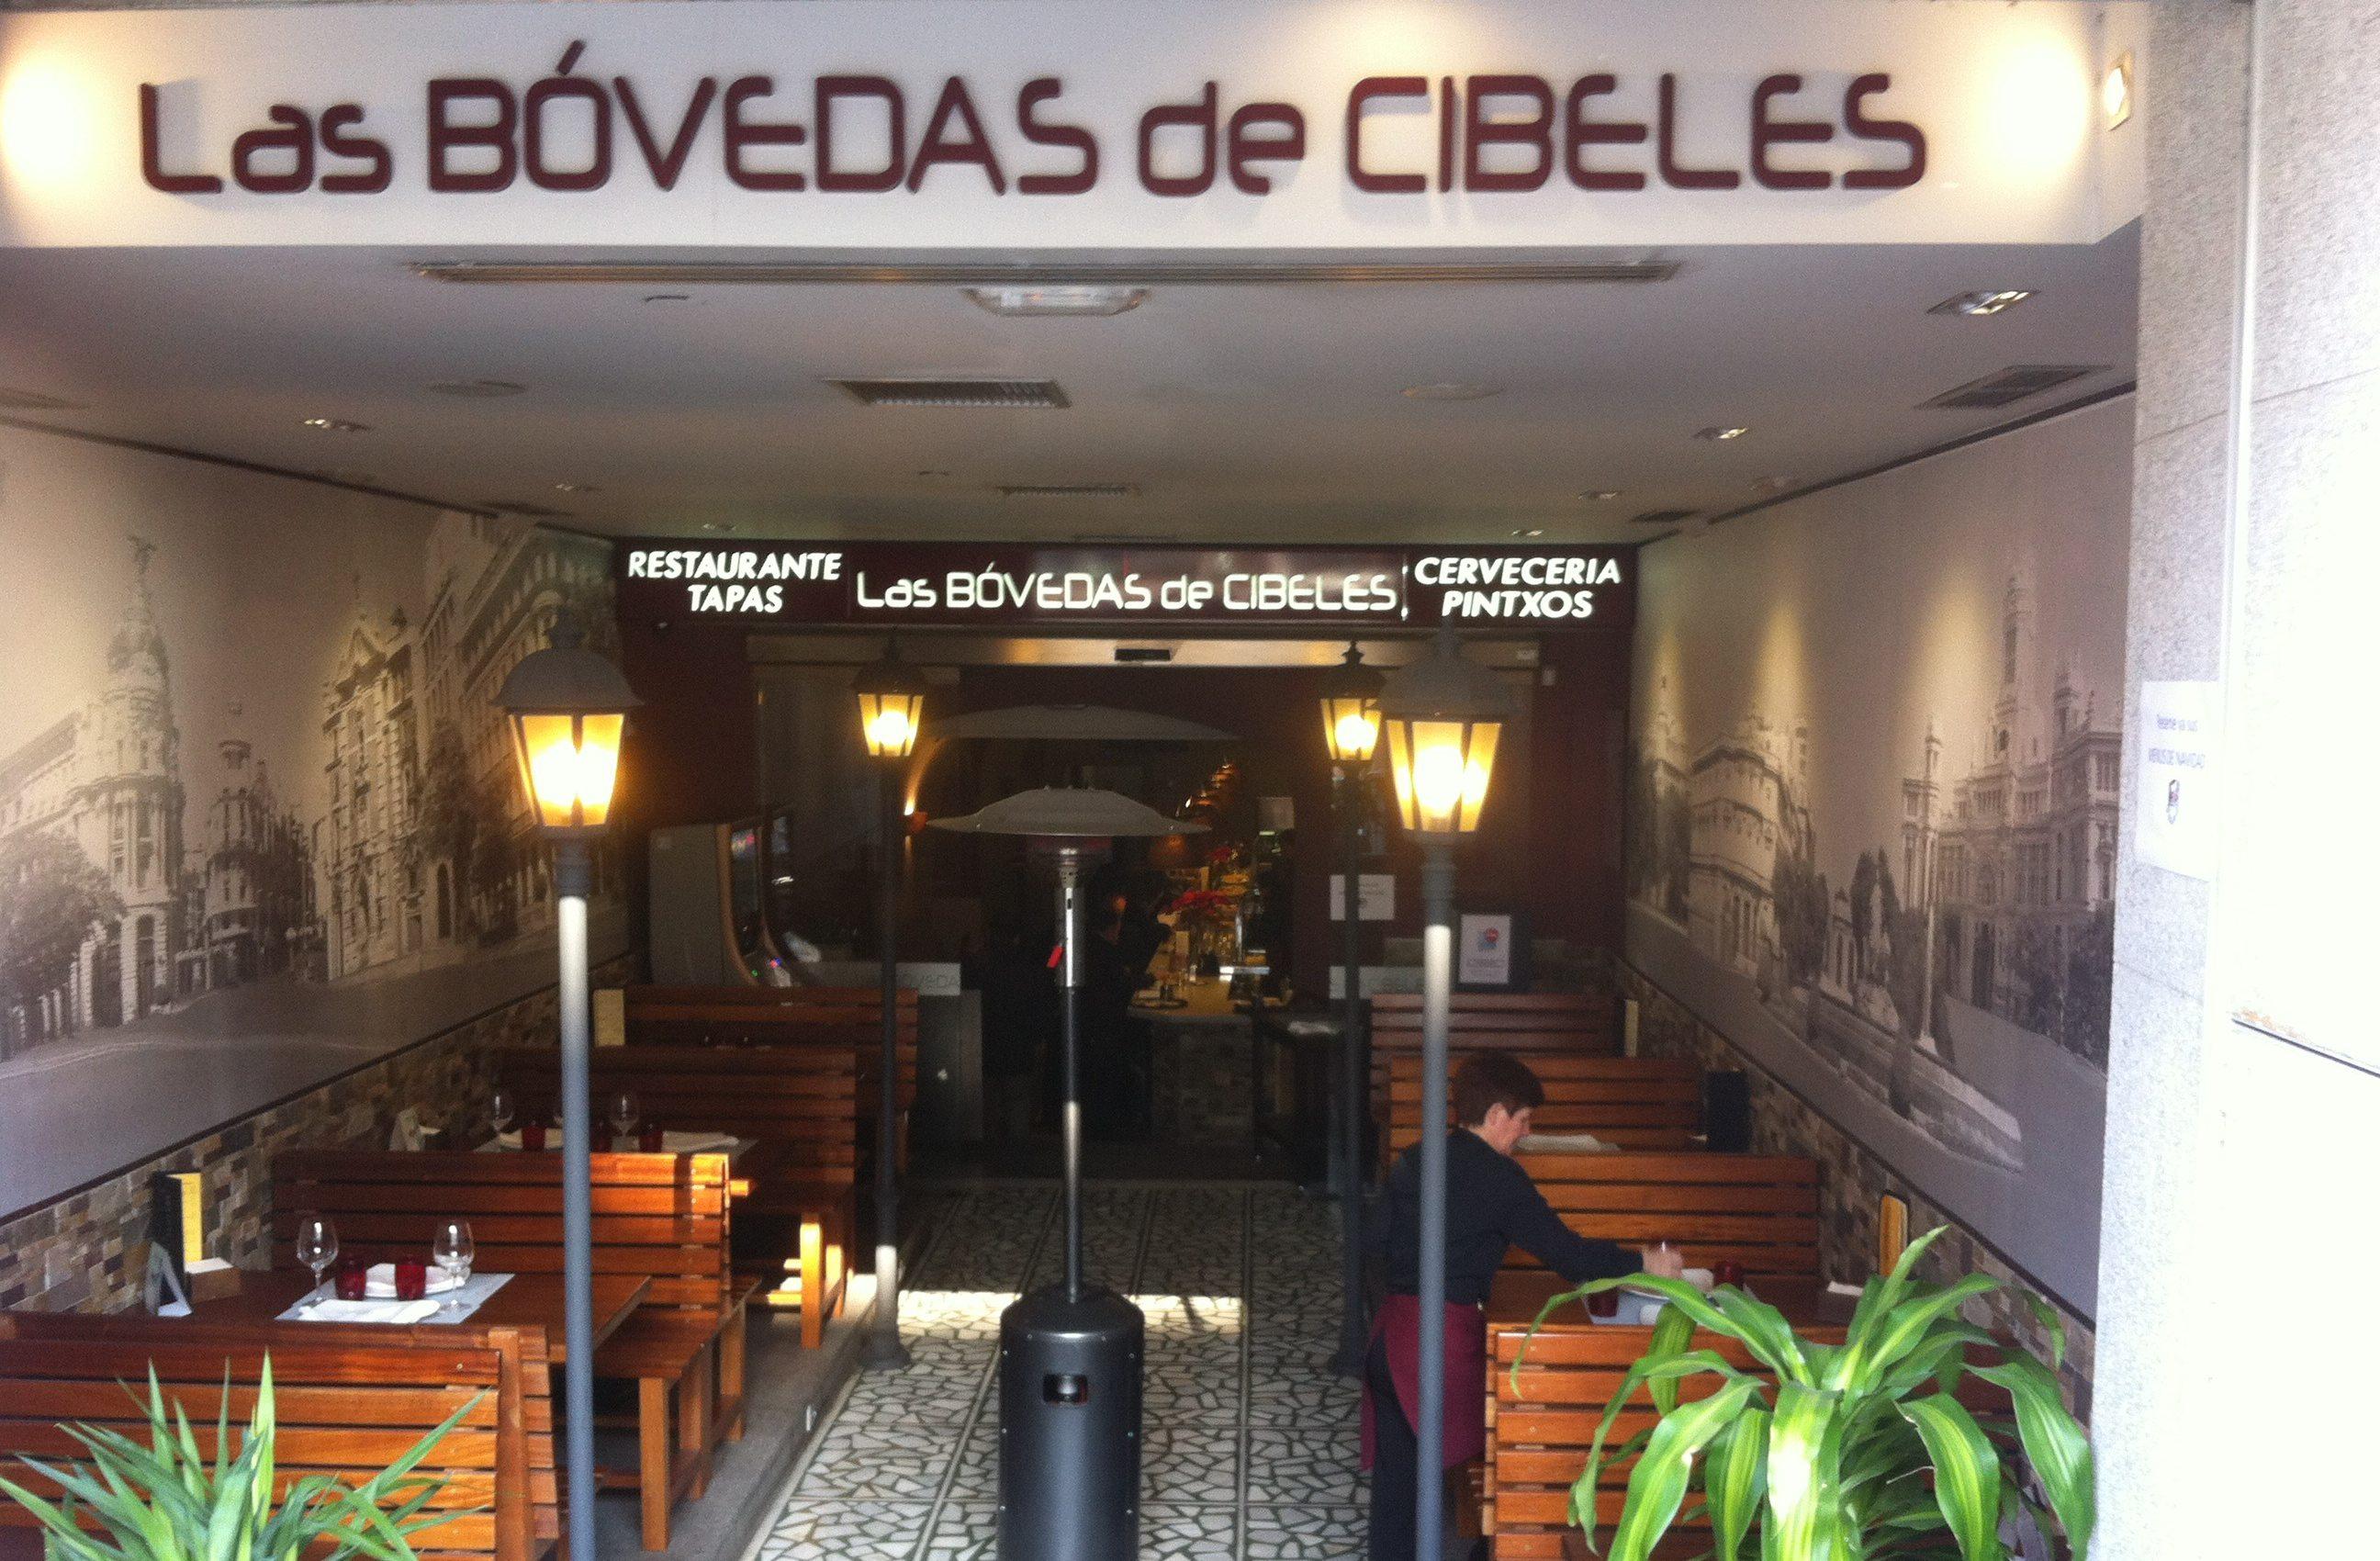 Las Bóvedas de Cibeles: un restaurante innovador en el centro de Madrid